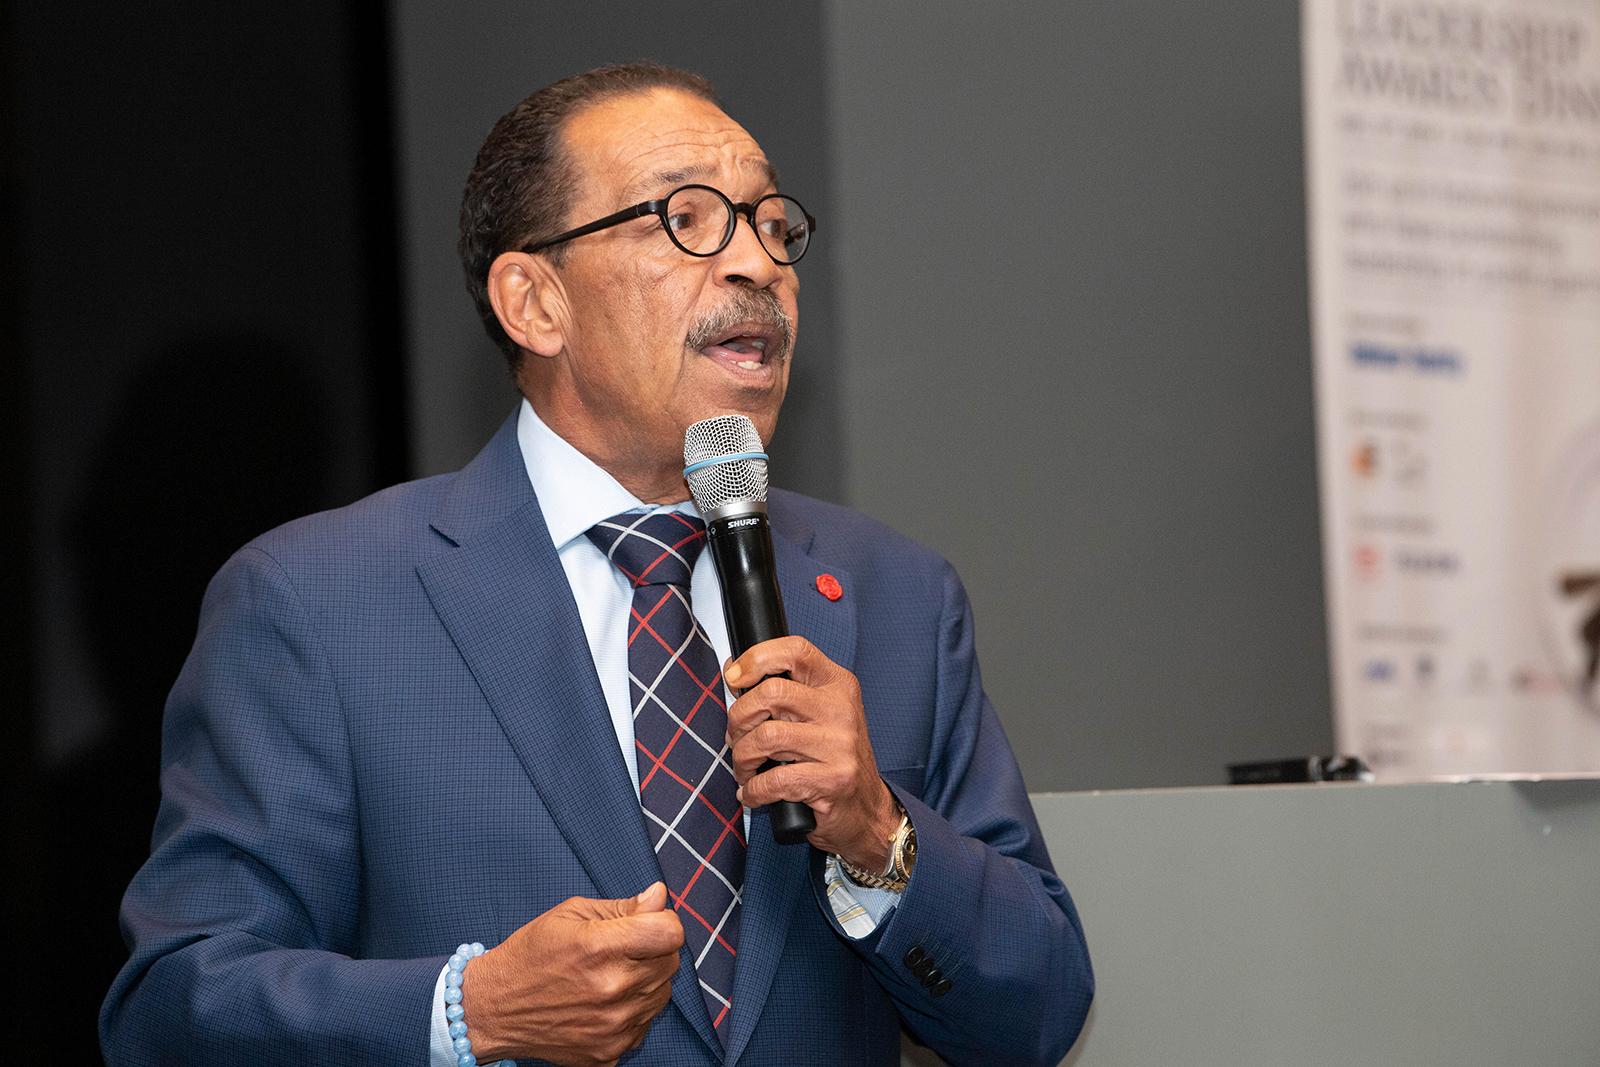 Los Angeles Kent Konseyi Başkanı Herb Wesson Jr., 3 Aralık 2019 tarihinde Los Angeles'taki Şehir Kulübünde konuşuyor